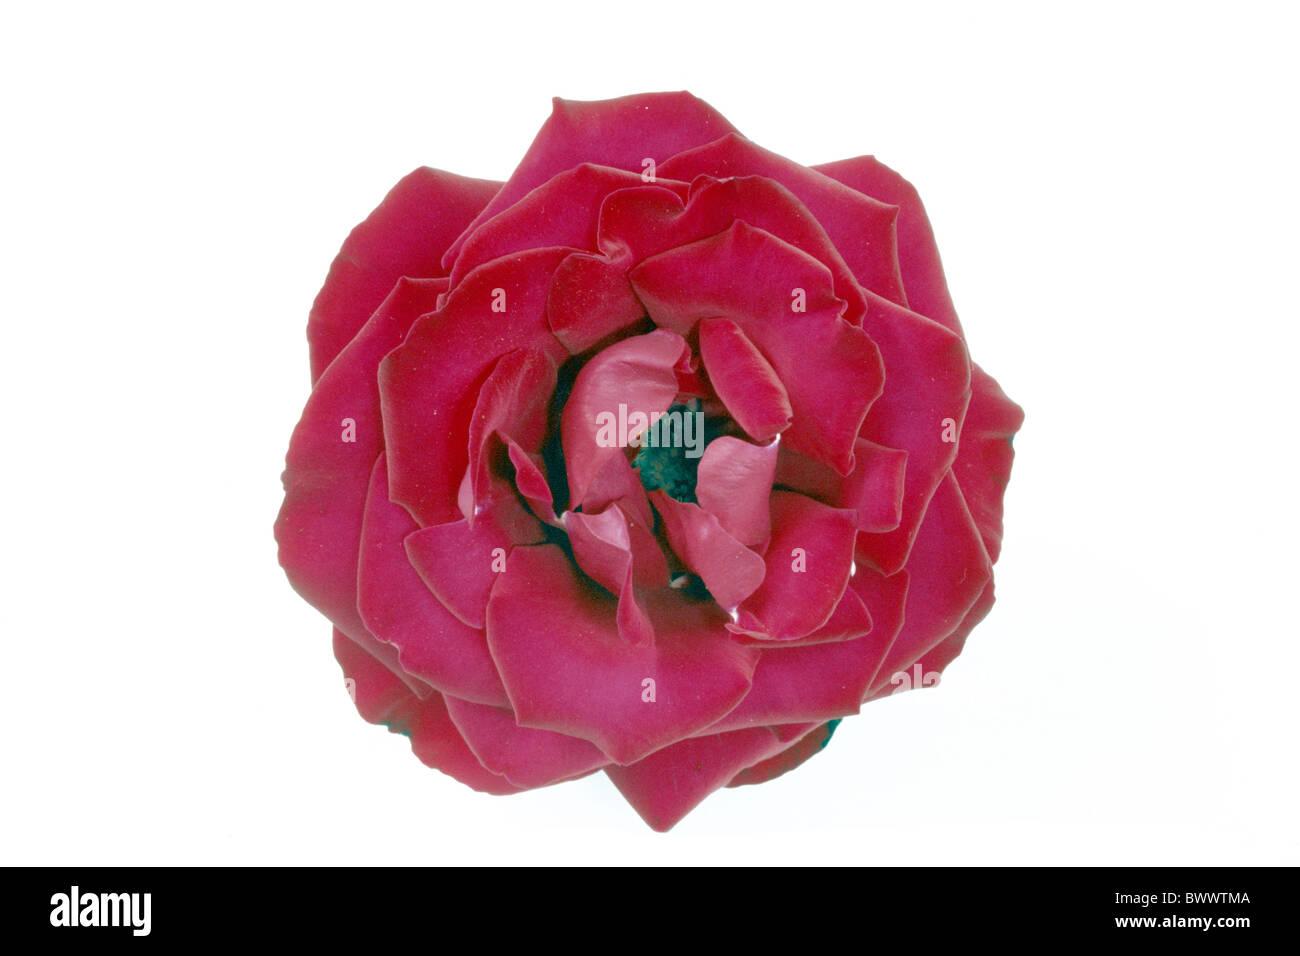 Grosses fleurs rose escalade, Escalade Hybrid Tea (6 hôtel), fleur, studio photo. Photo Stock